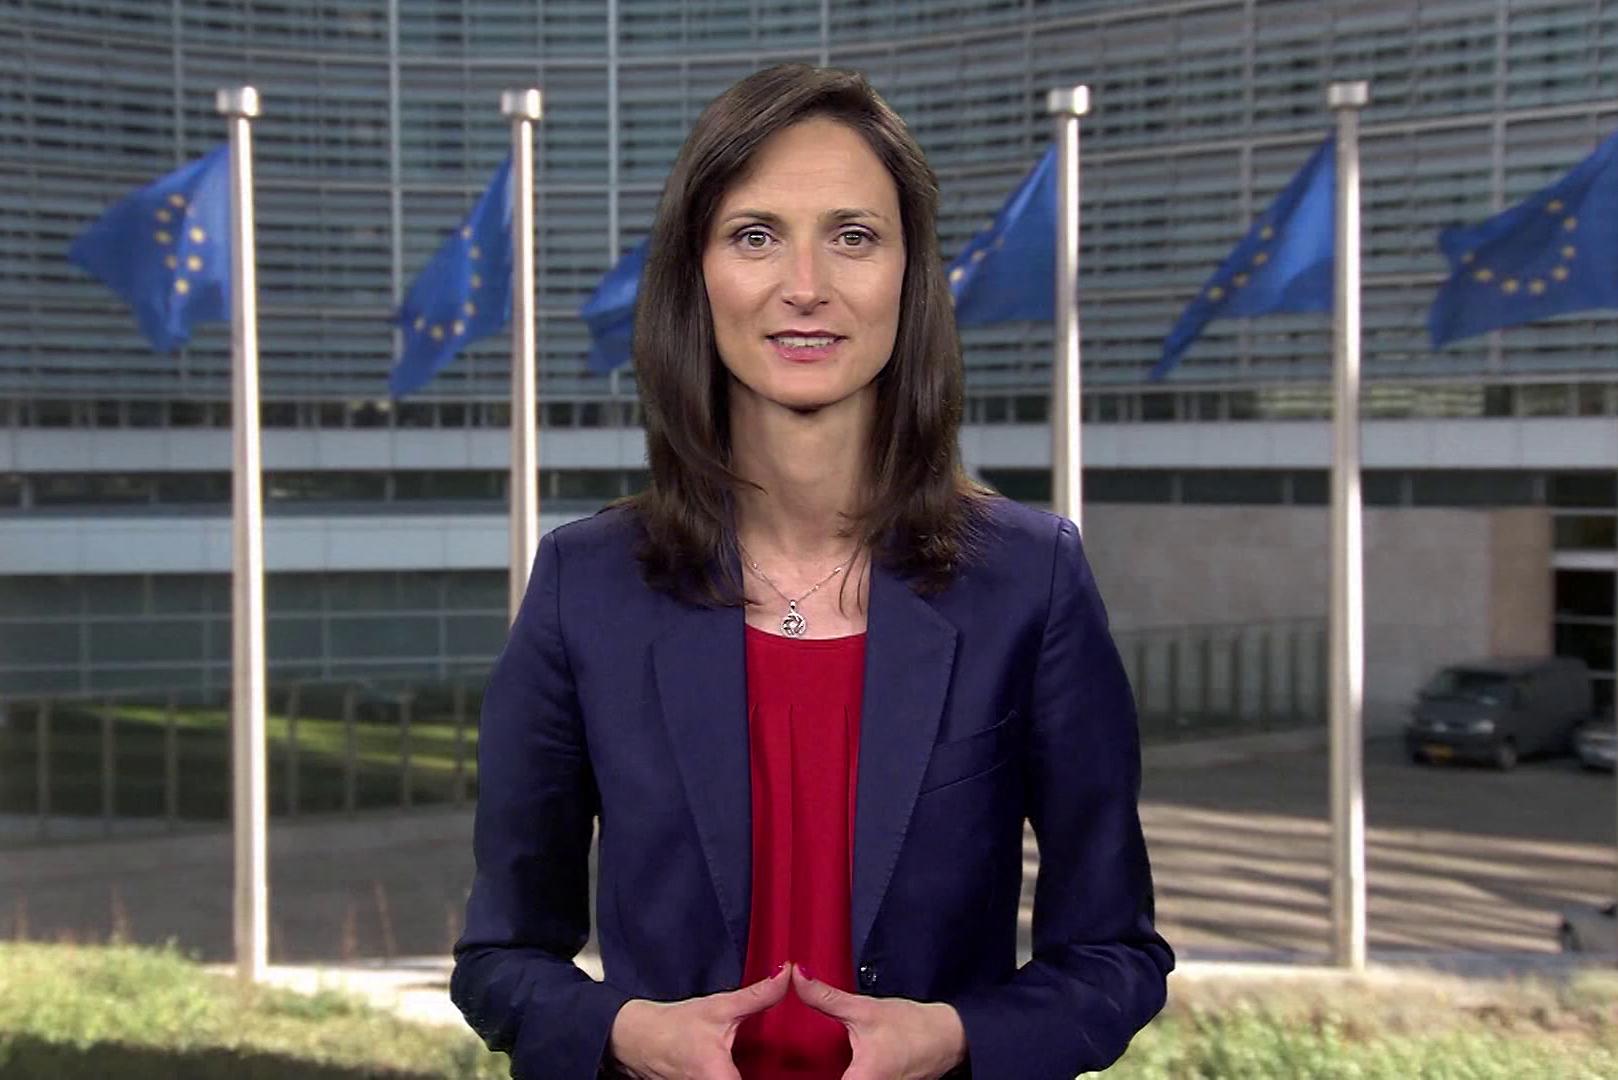 EU Commissioner Mariya Gabriel